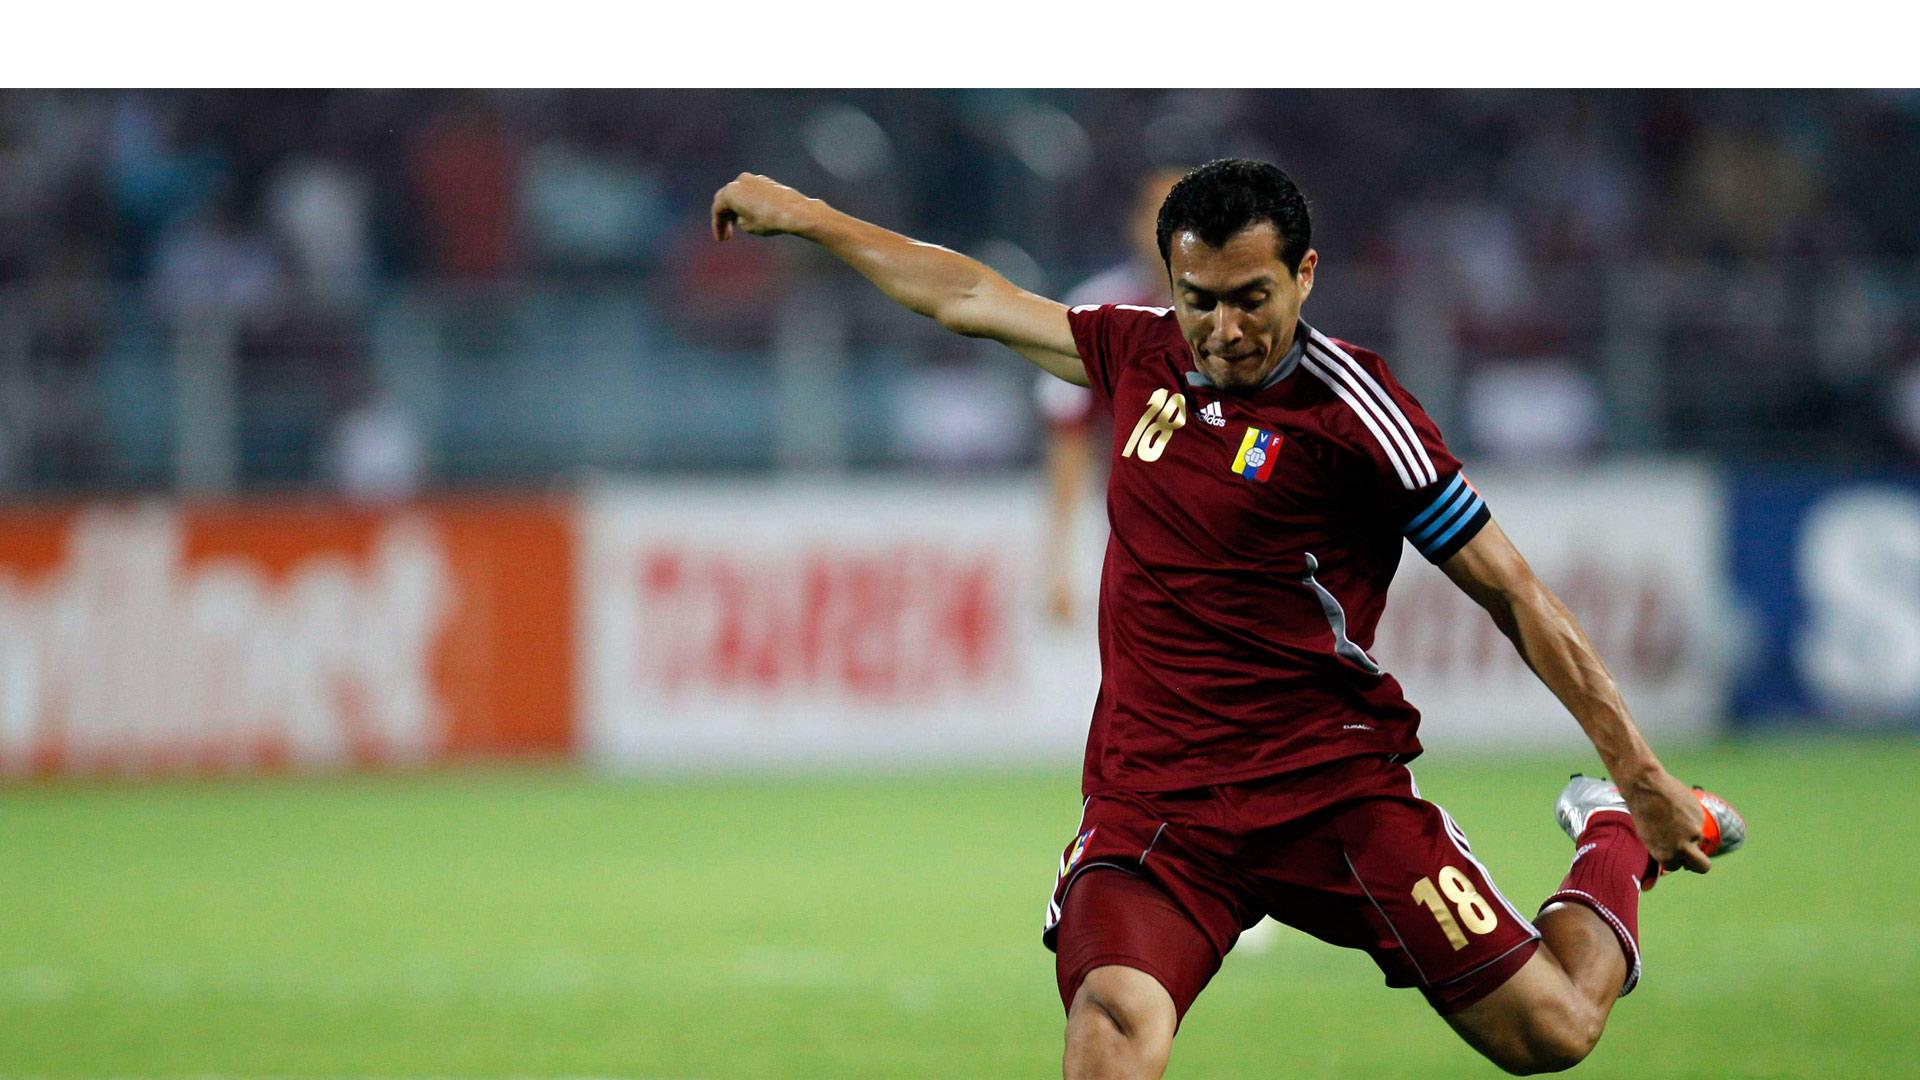 El mejor jugador de Venezuela demostró que el trabajo duro y constante son las claves para lograr los sueños propuestos